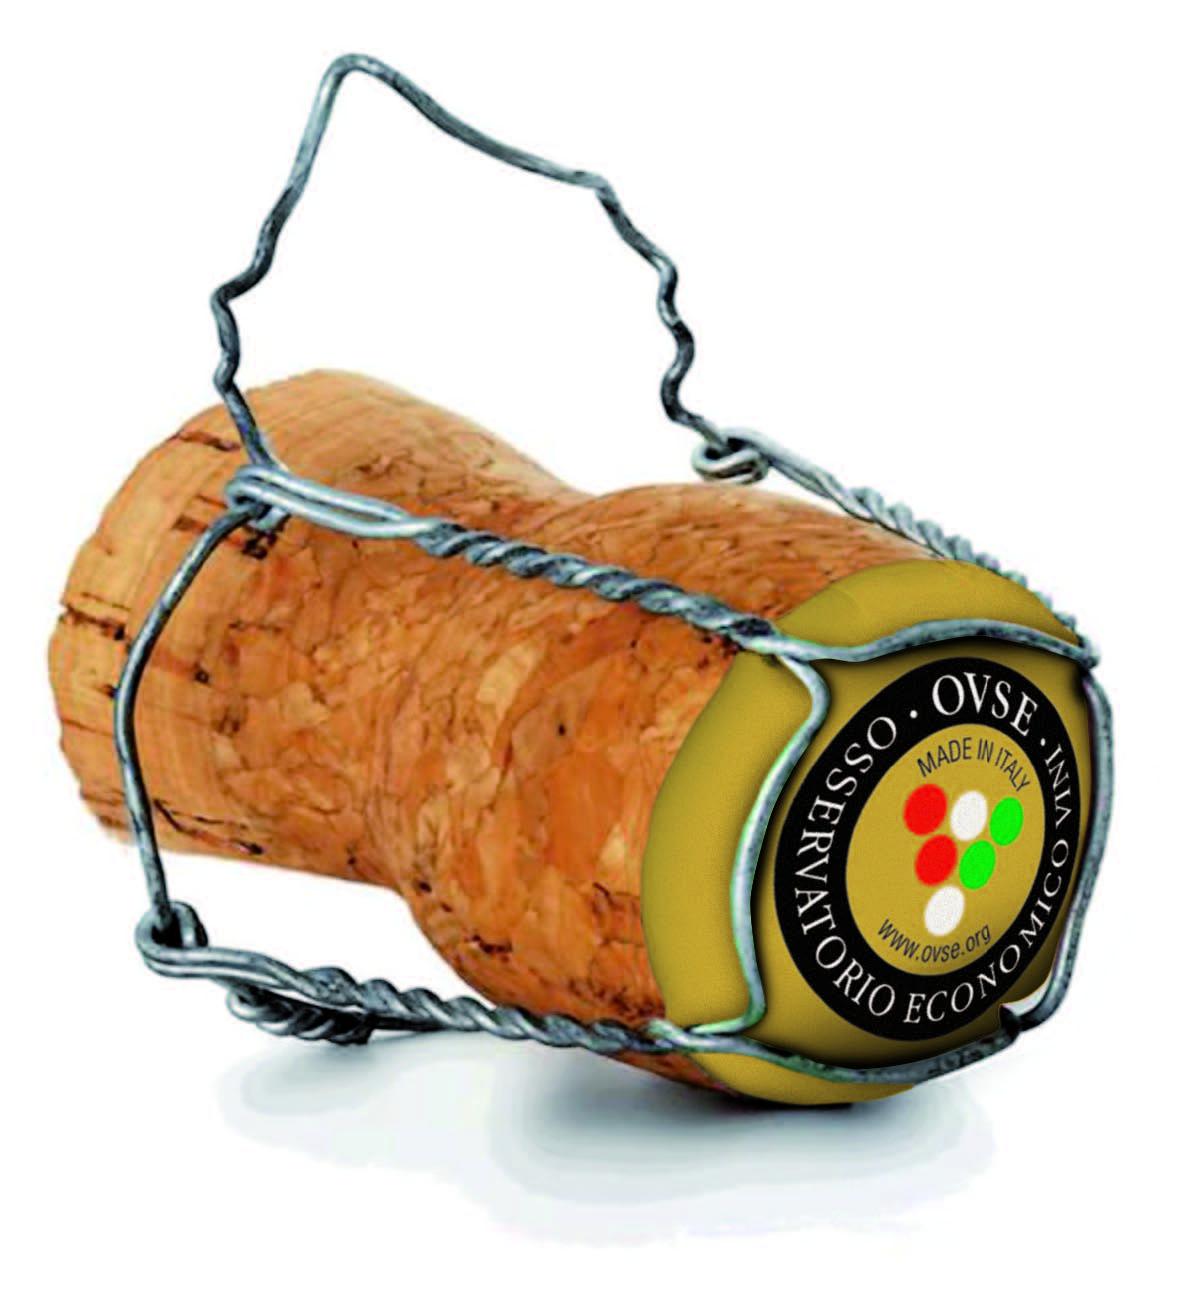 Bollicine & spumanti: Prima stima dei consumi nel 2013